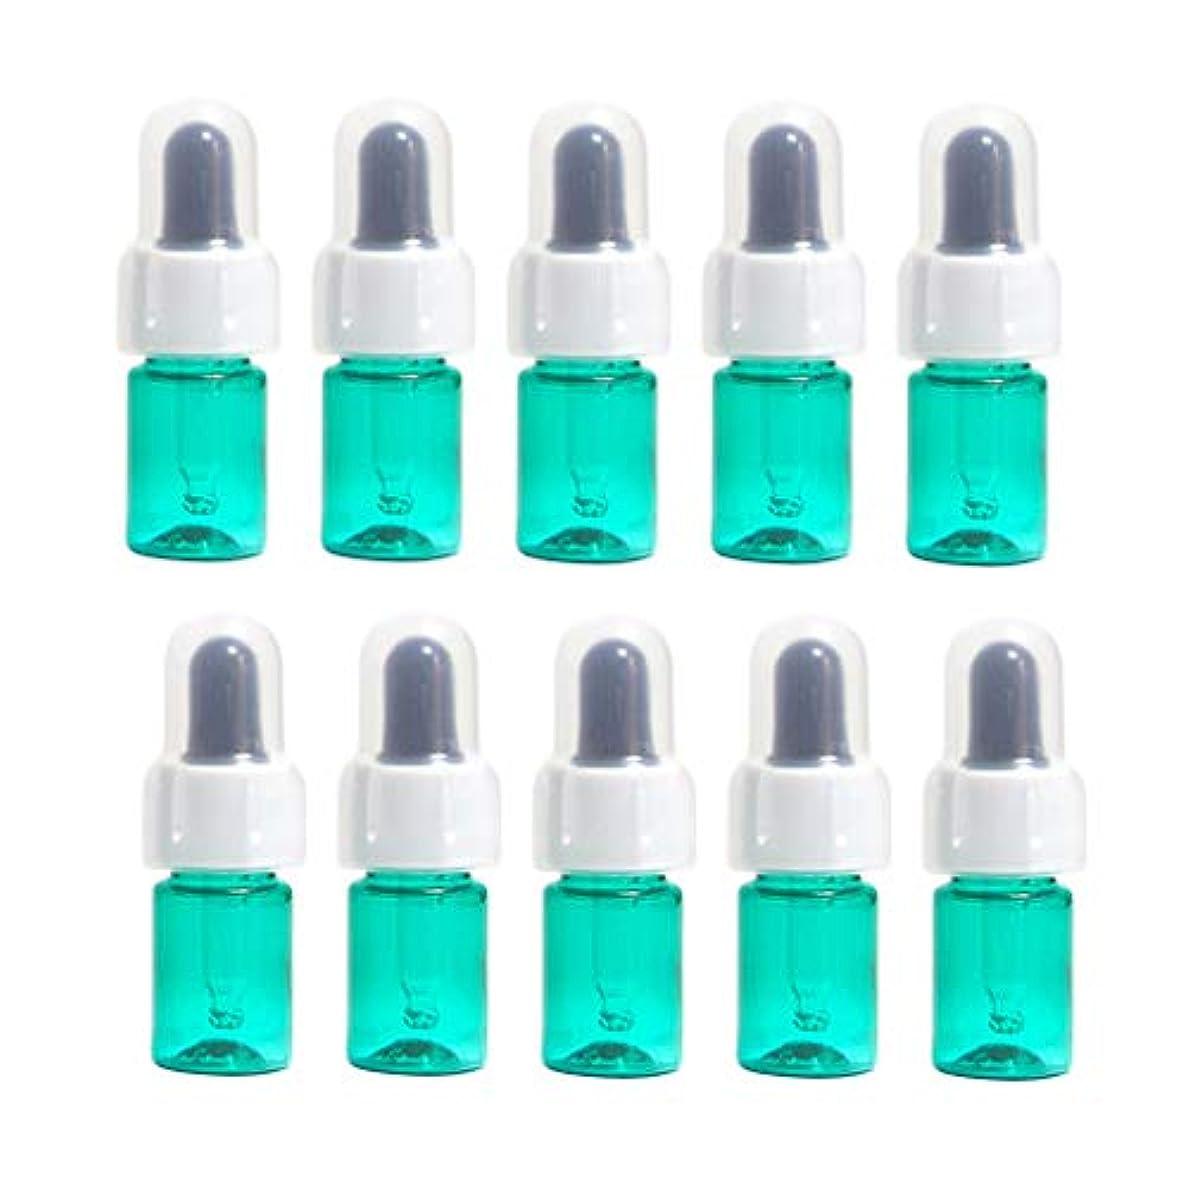 こしょう告発者大佐CUTICATE 遮光瓶 ドロッパー エッセンシャルオイルボトル ドロッパーボトル 精油ボトル 詰め替え容器 全5カラー - 緑